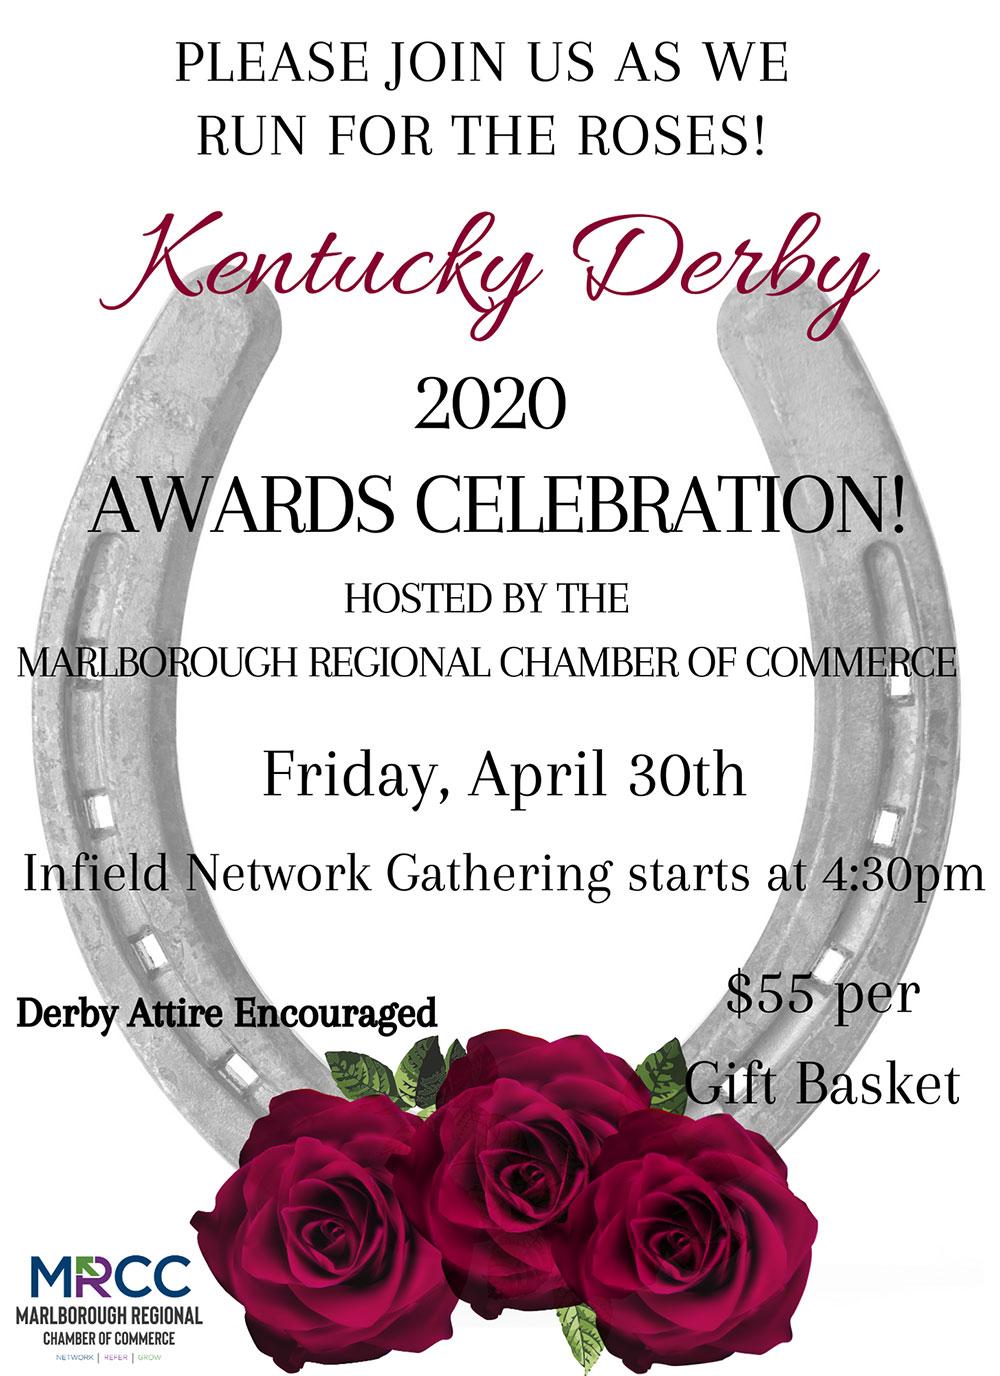 2020 Awards Celebration